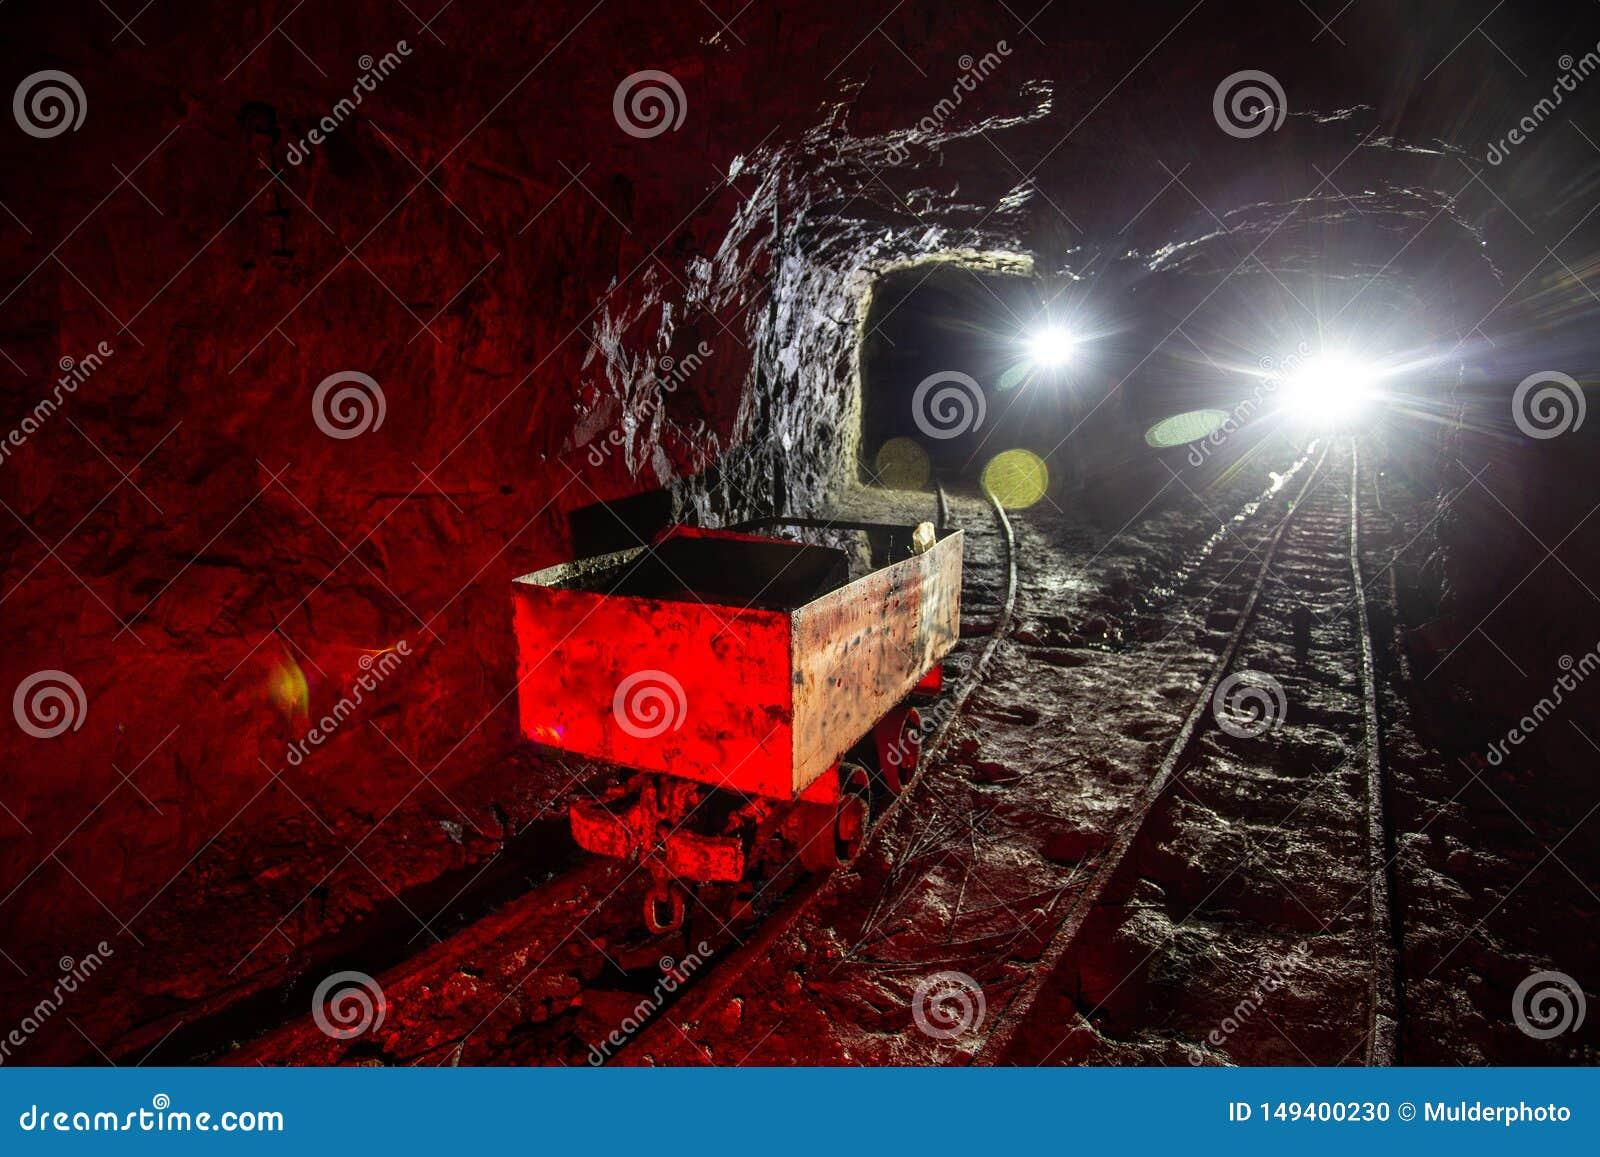 Βρώμικο εγκαταλειμμένο ορυχείο ουράνιου με τη σκουριασμένα ράγα και το καροτσάκι